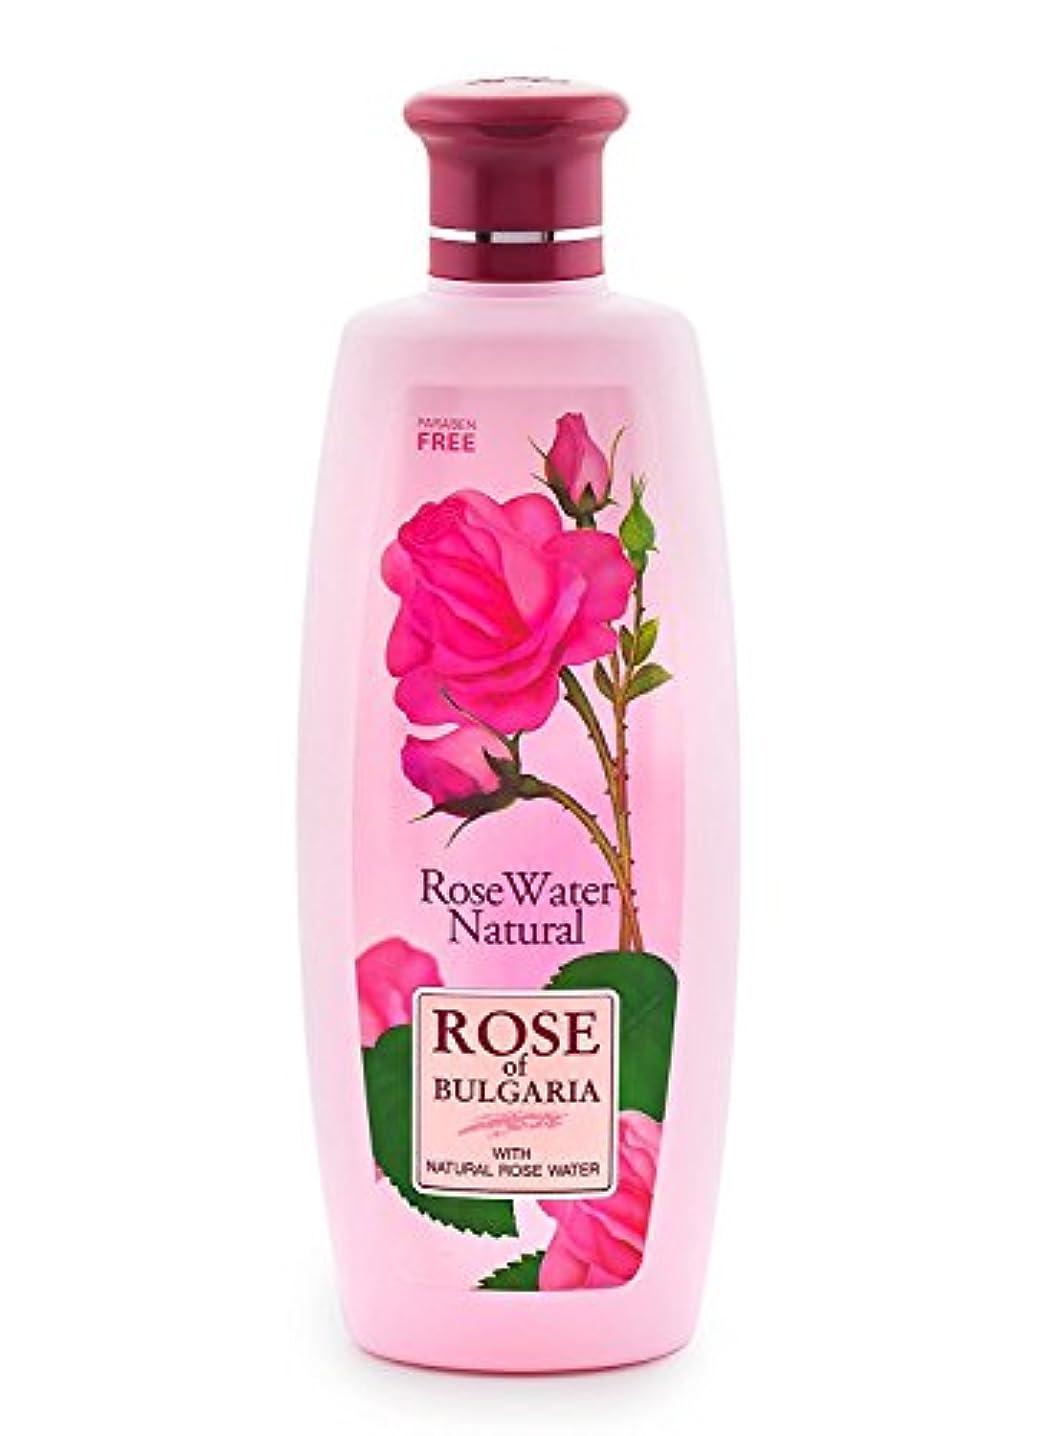 サドル触覚大邸宅ズ オブ ブルガリア/Rose of Bulgaria/ローズ ウォーター ナチュラル スプレー 330ml